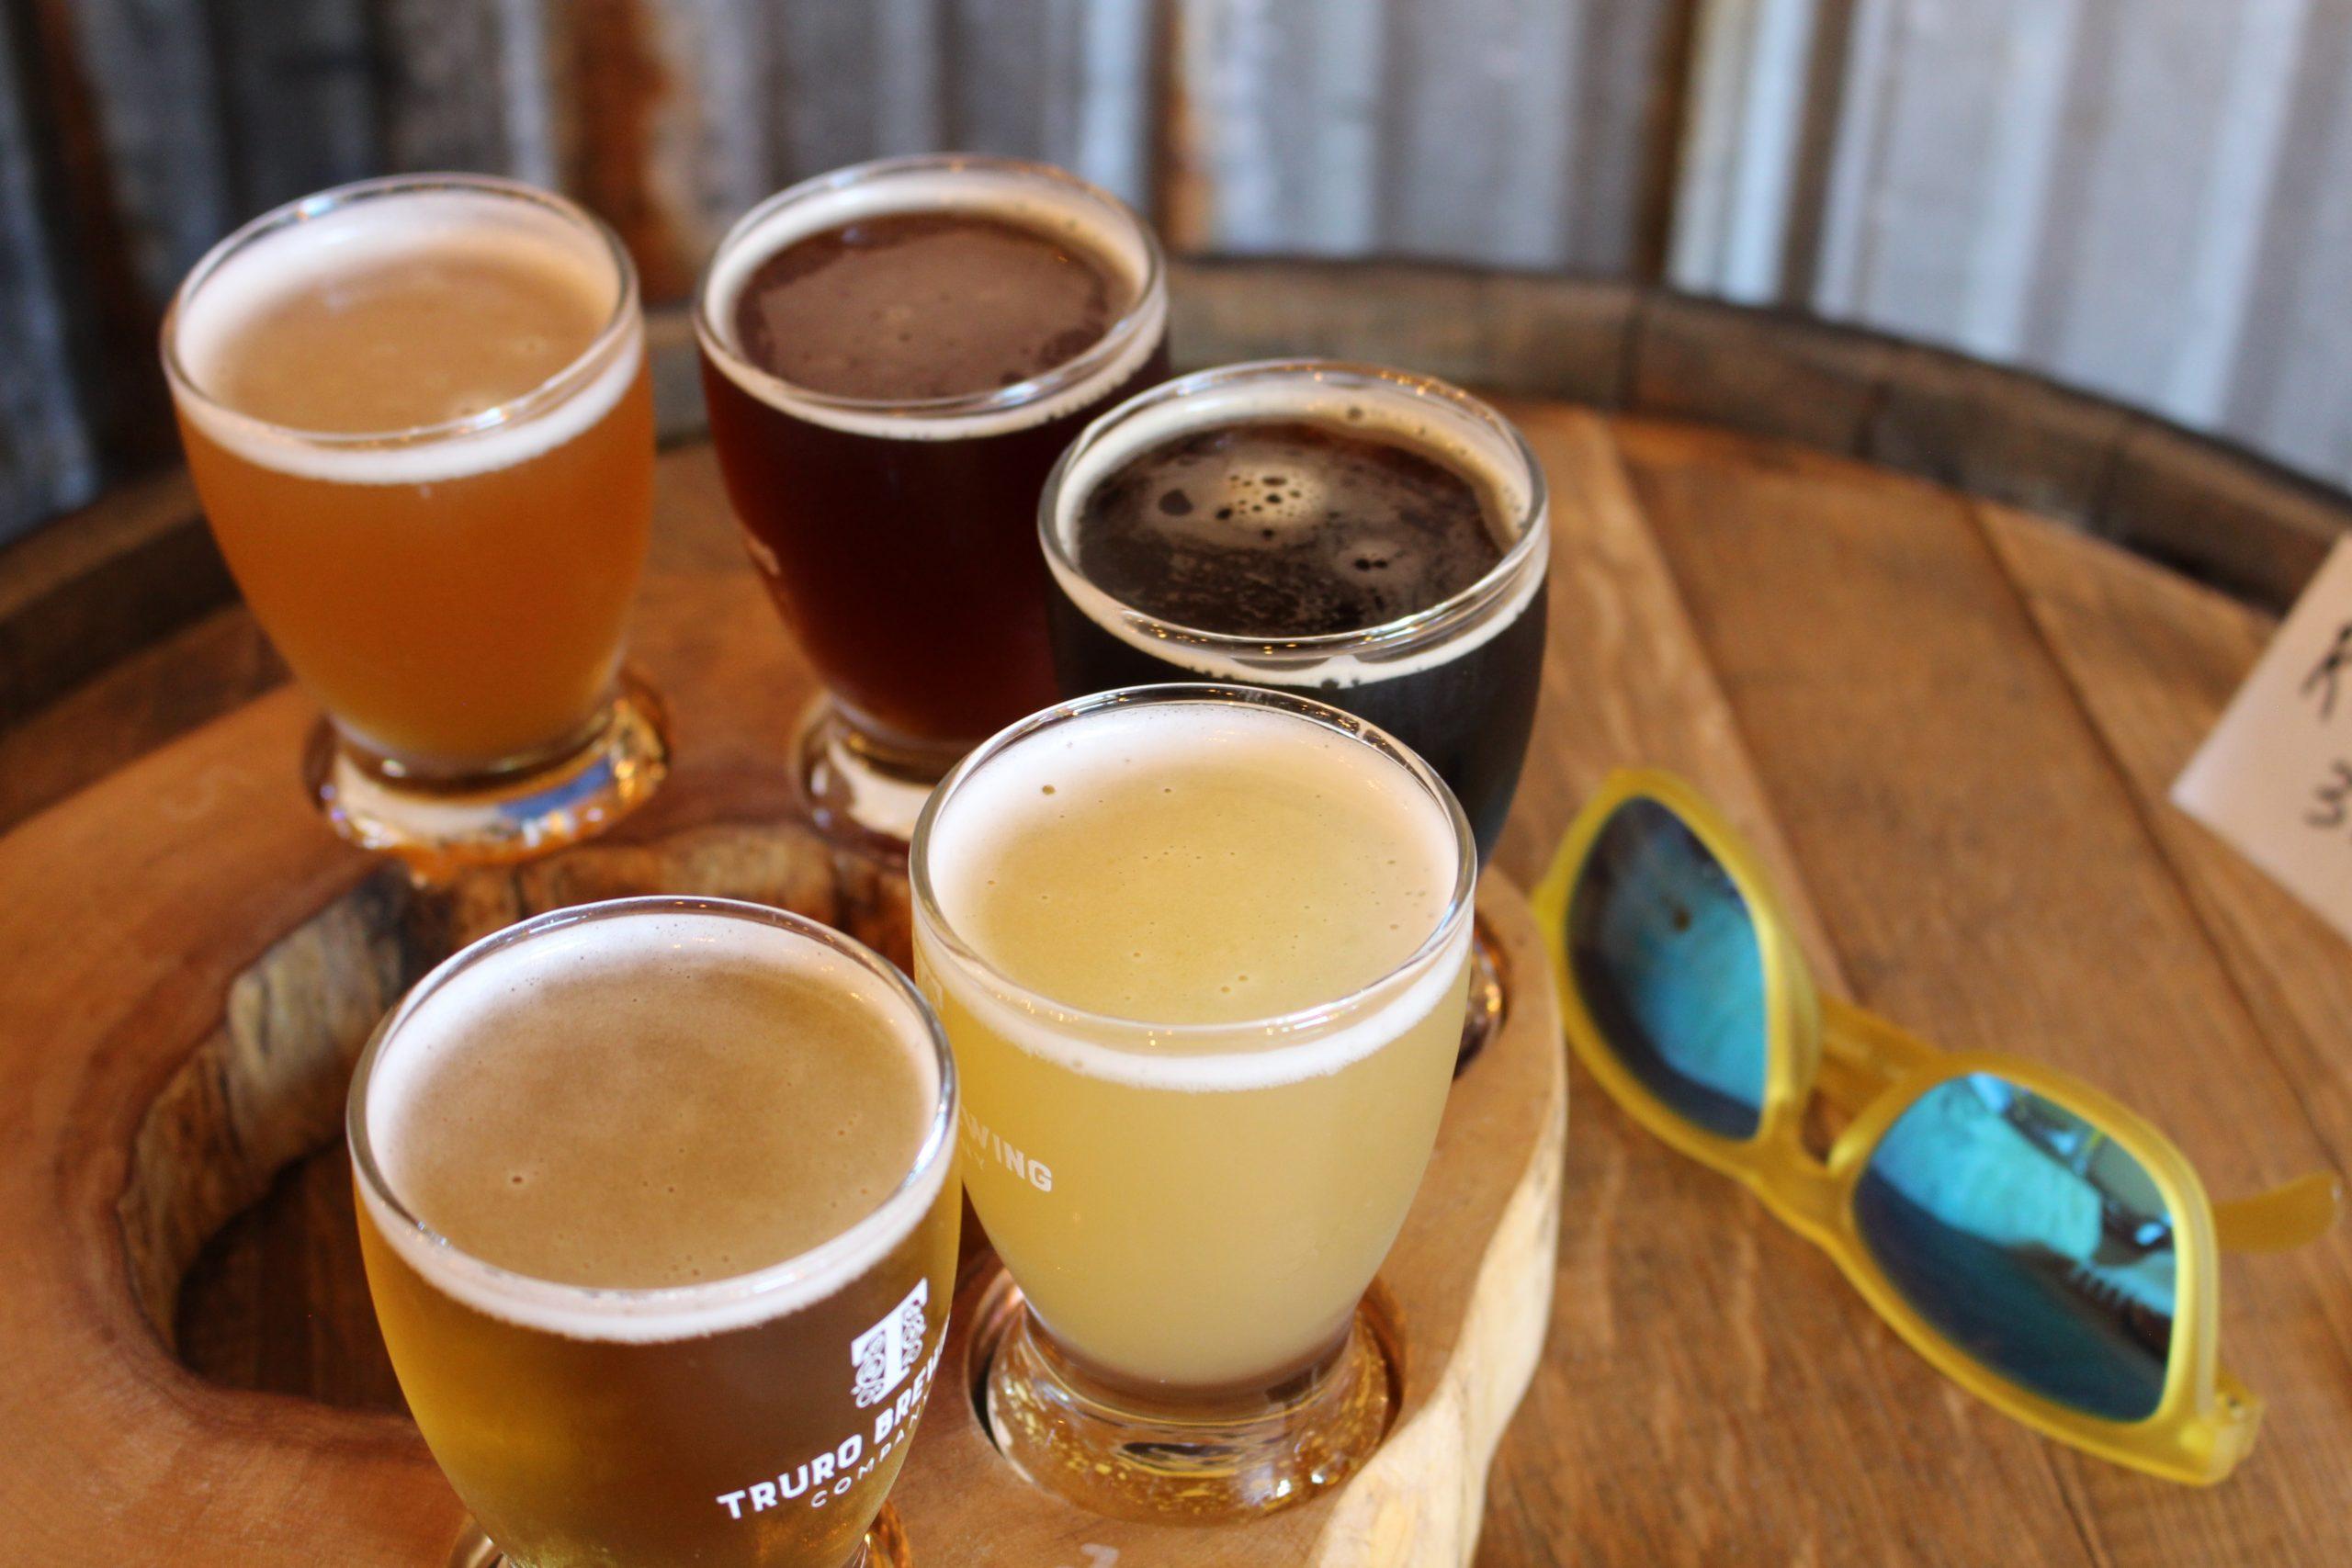 Truro Brewing Company